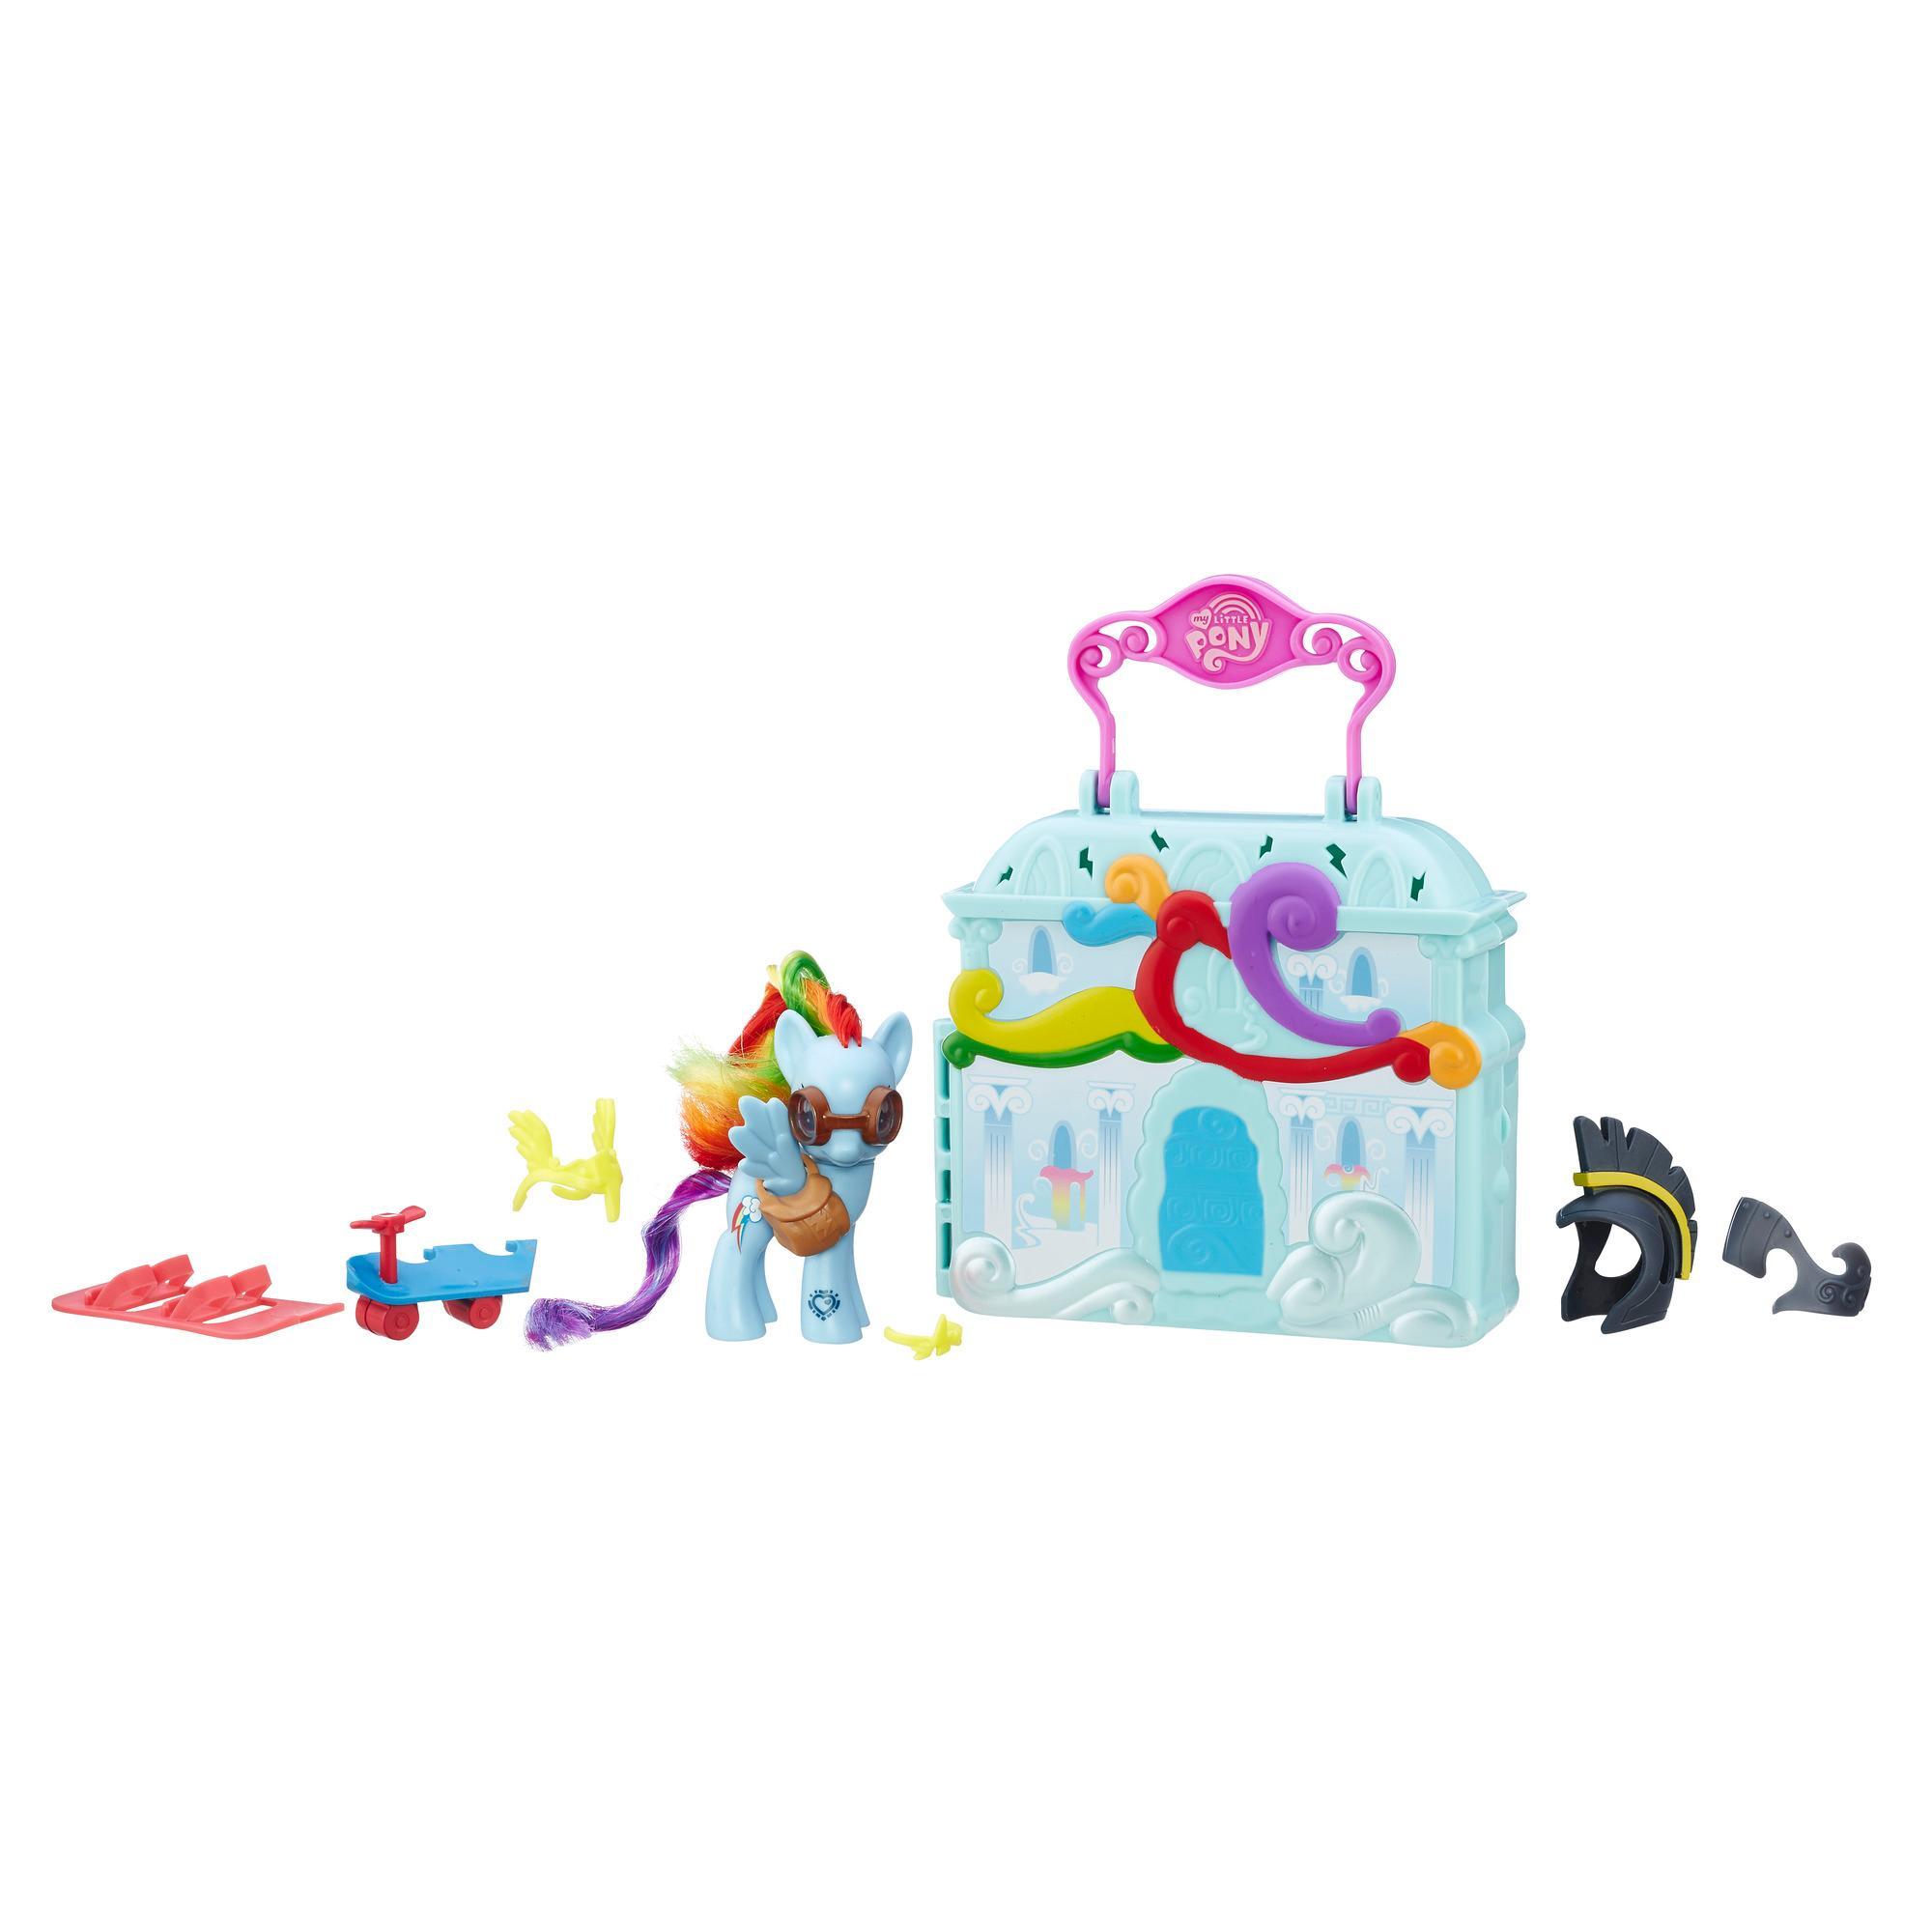 Игровой набор «Клаудоминиум» с фигуркой Рейнбоу Дэш из серии «Мой маленький пони/Дружба - это чудо!»